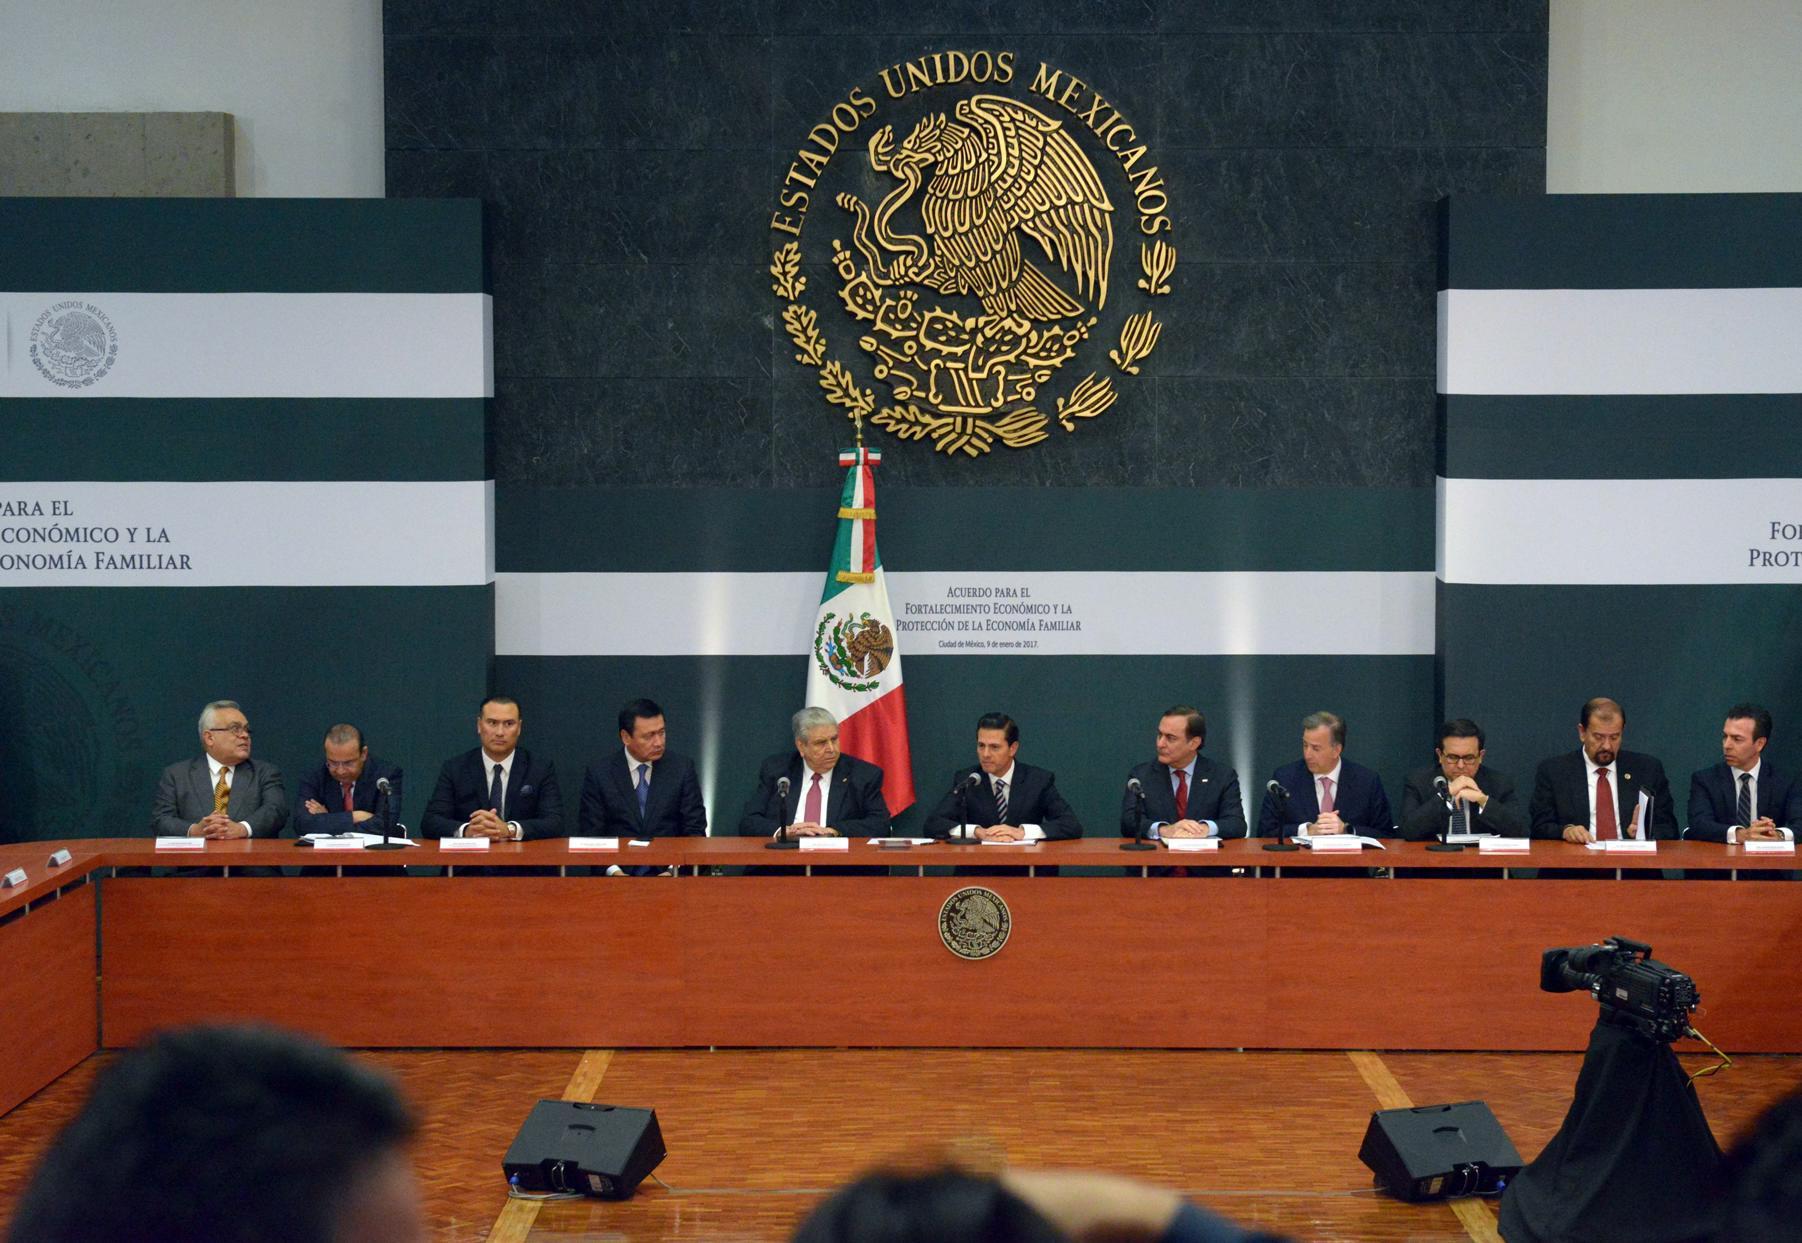 """""""Los que hoy suscribimos este instrumento, refrendamos nuestra convicción de que nuestro país requiere que las y los mexicanos enfrentemos unidos los desafíos que le imponen las condiciones actuales""""."""